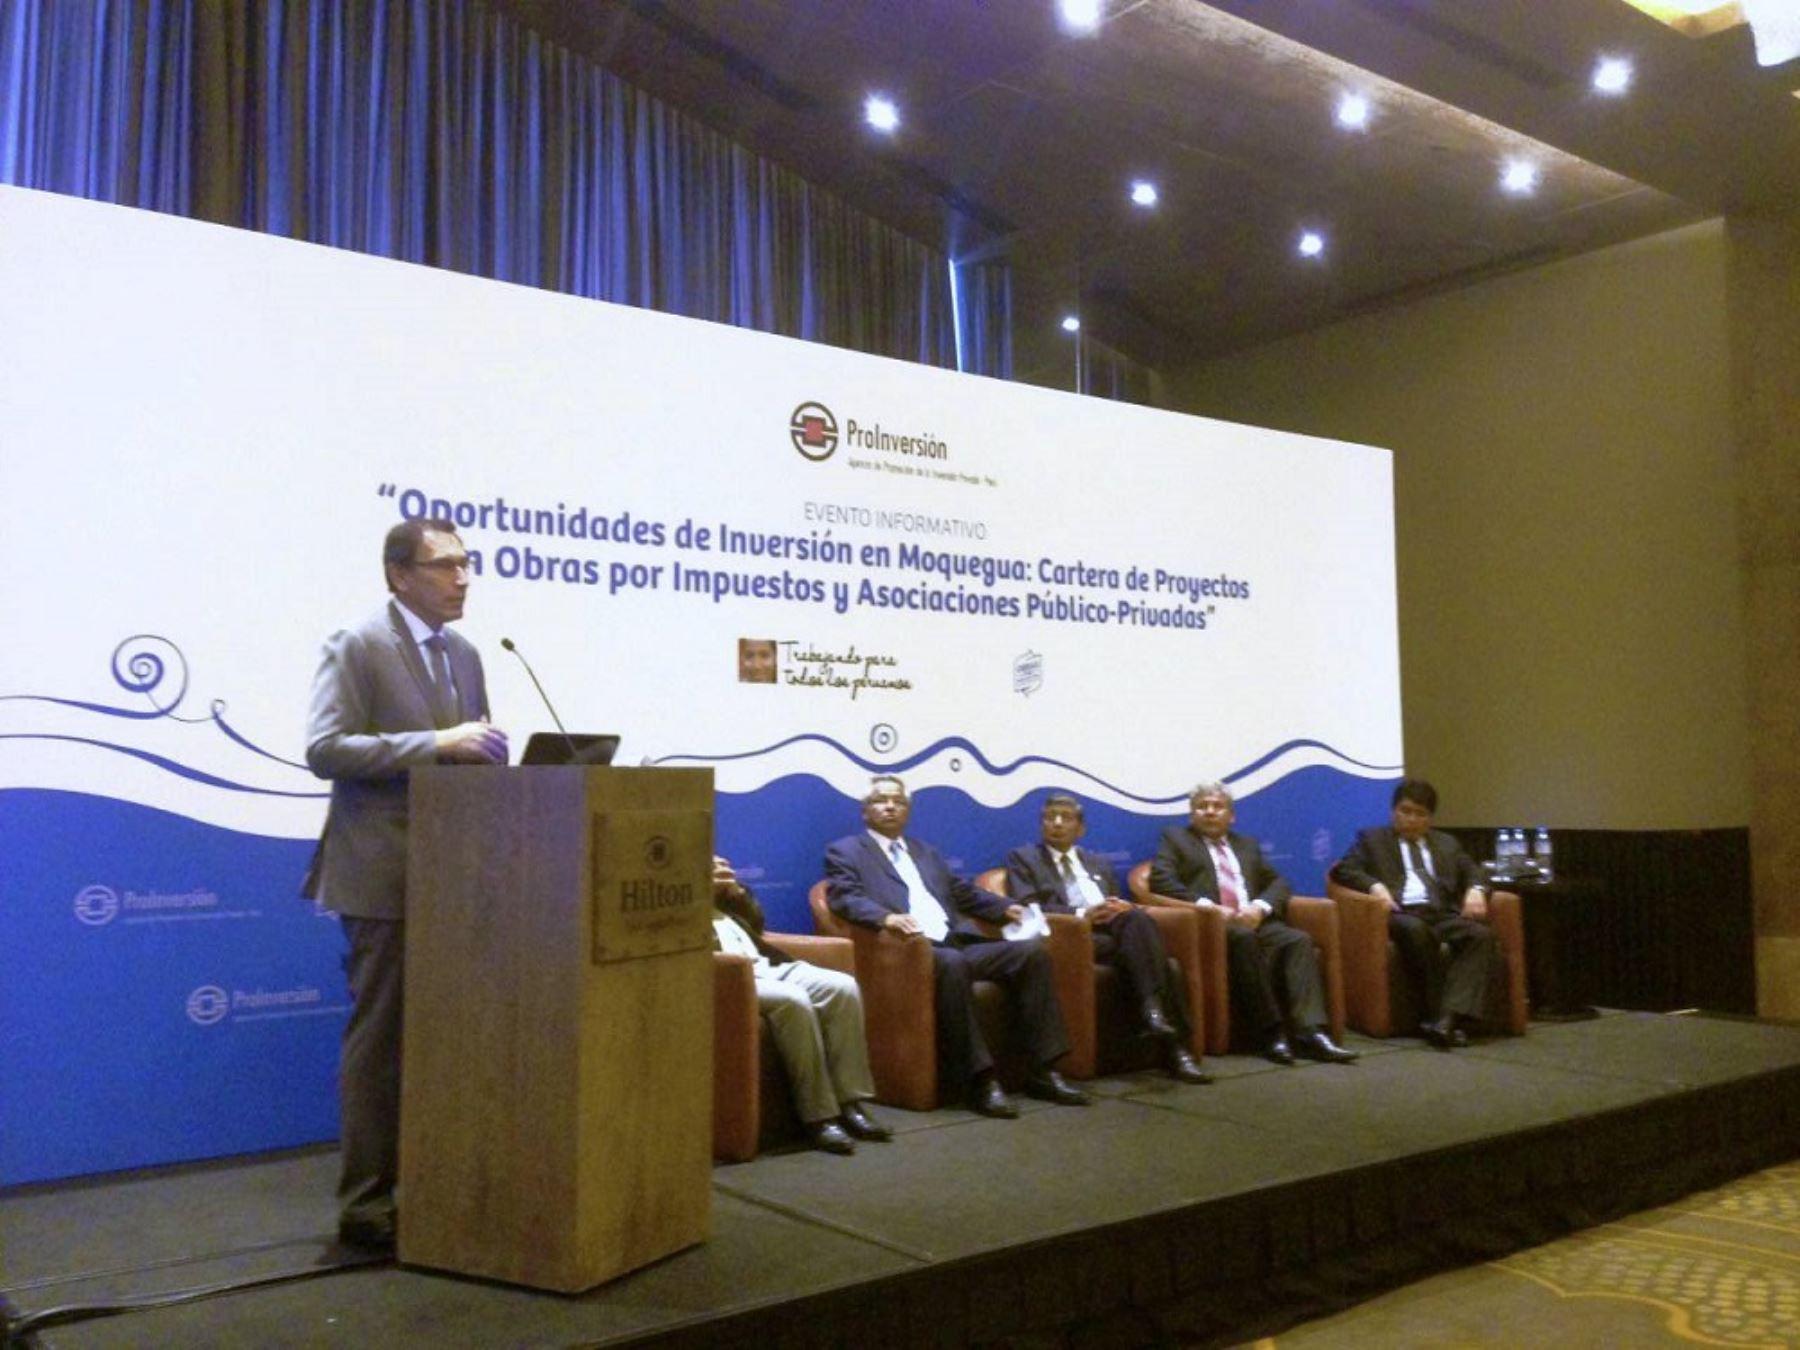 El primer vicepresidente de la República y ministro de Transportes y Comunicaciones, Martín Vizcarra, destacó hoy el soporte técnico de la Agencia de Promoción de la Inversión Privada (ProInversión) en el desarrollo de proyectos de infraestructura en el país.